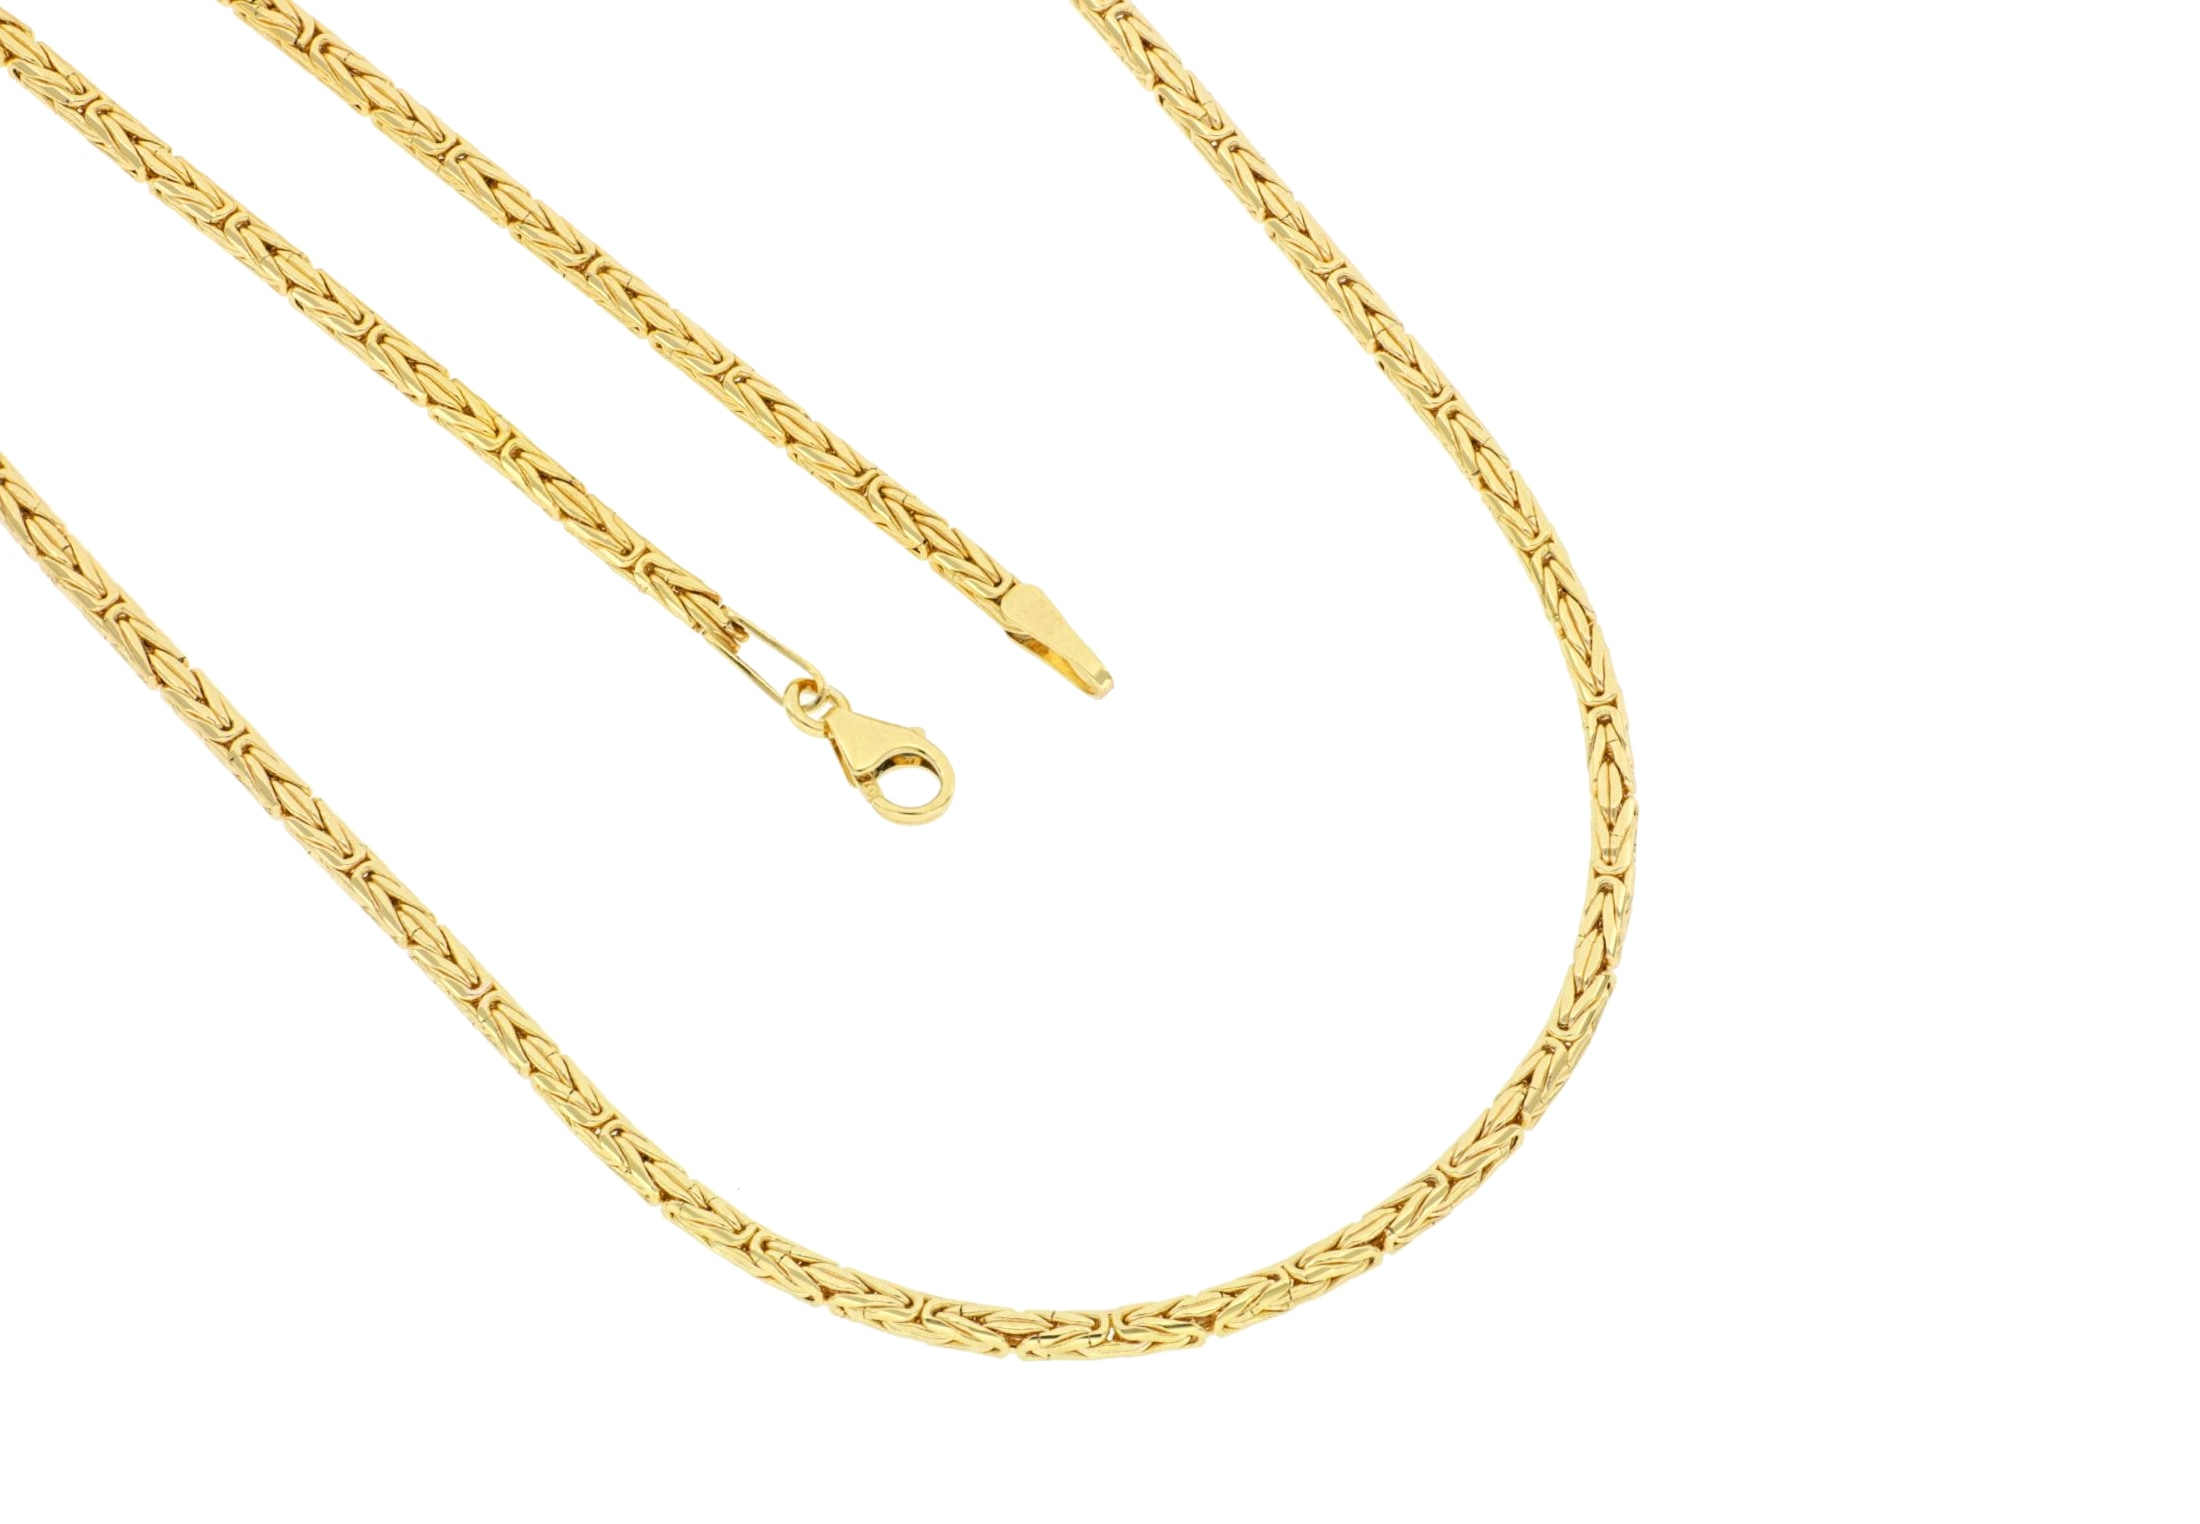 La Piora Armband Königskette   Schmuck > Halsketten > Königsketten   La Piora